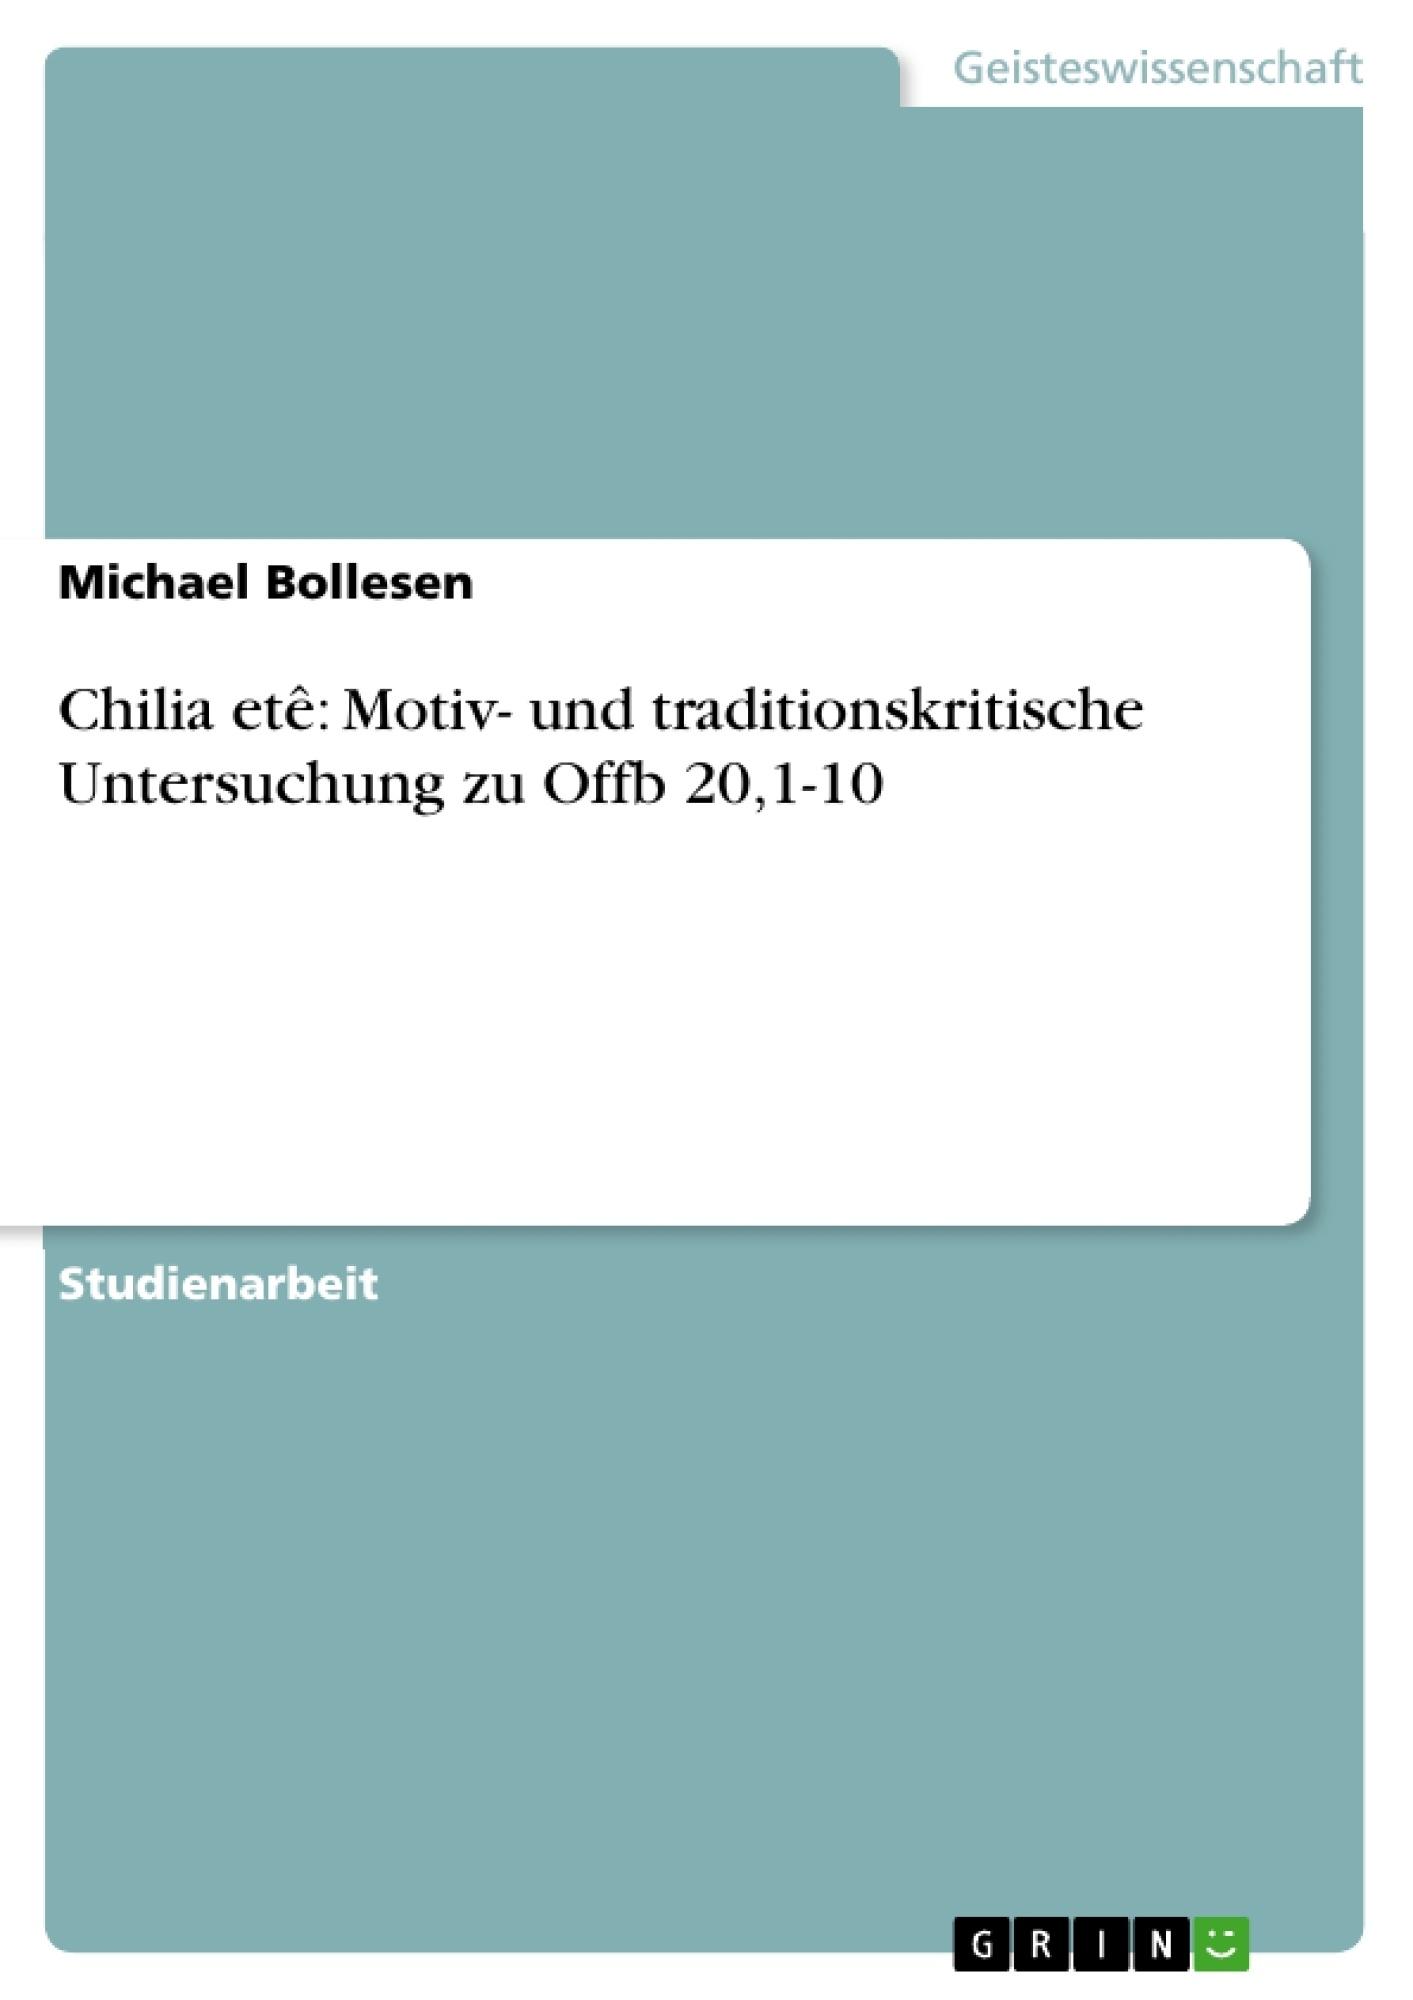 Titel: Chilia etê: Motiv- und traditionskritische Untersuchung zu Offb 20,1-10